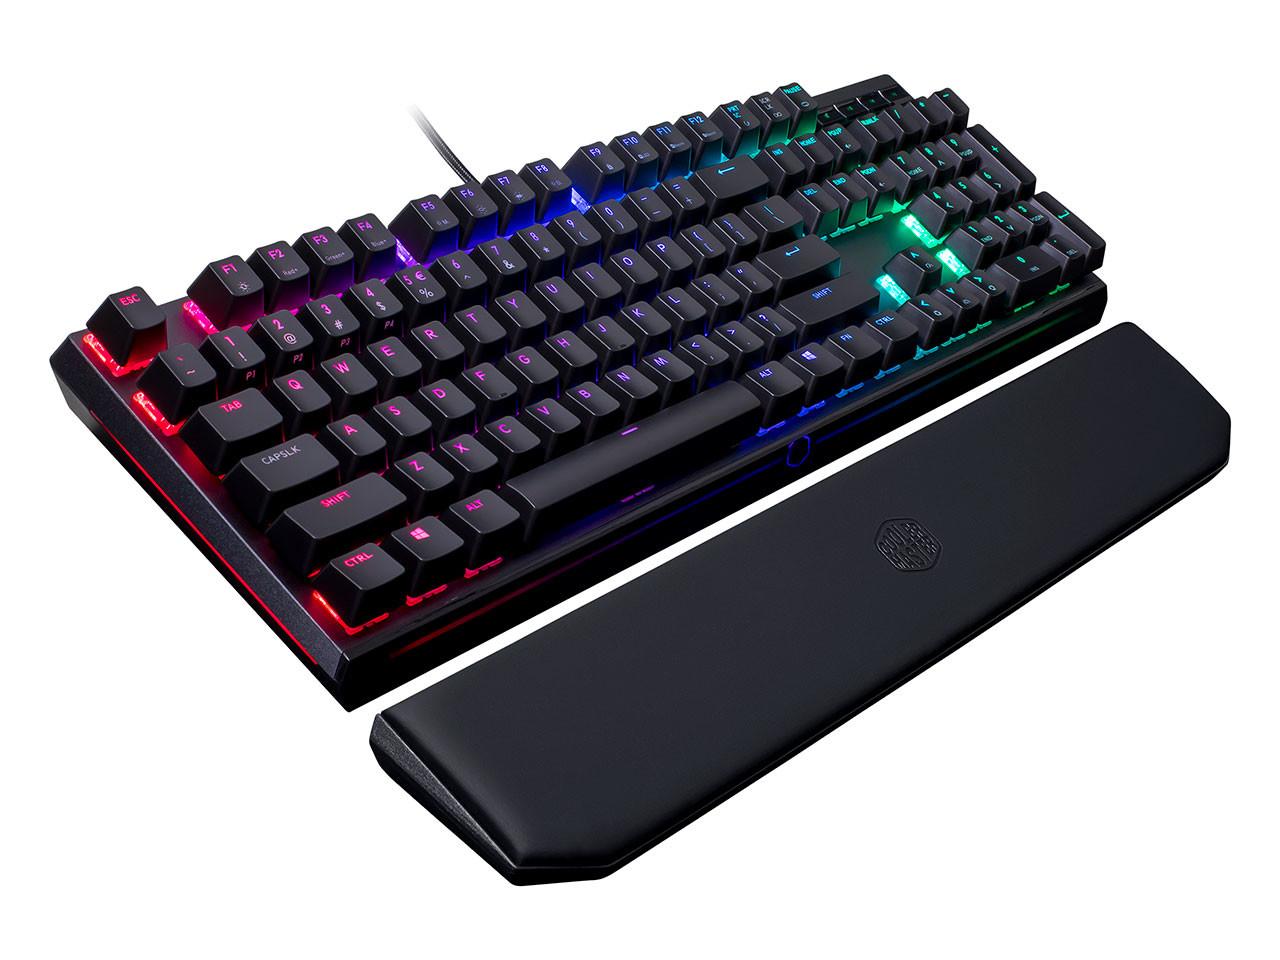 Nuevo teclado Cooler Master MasterKeys MK750